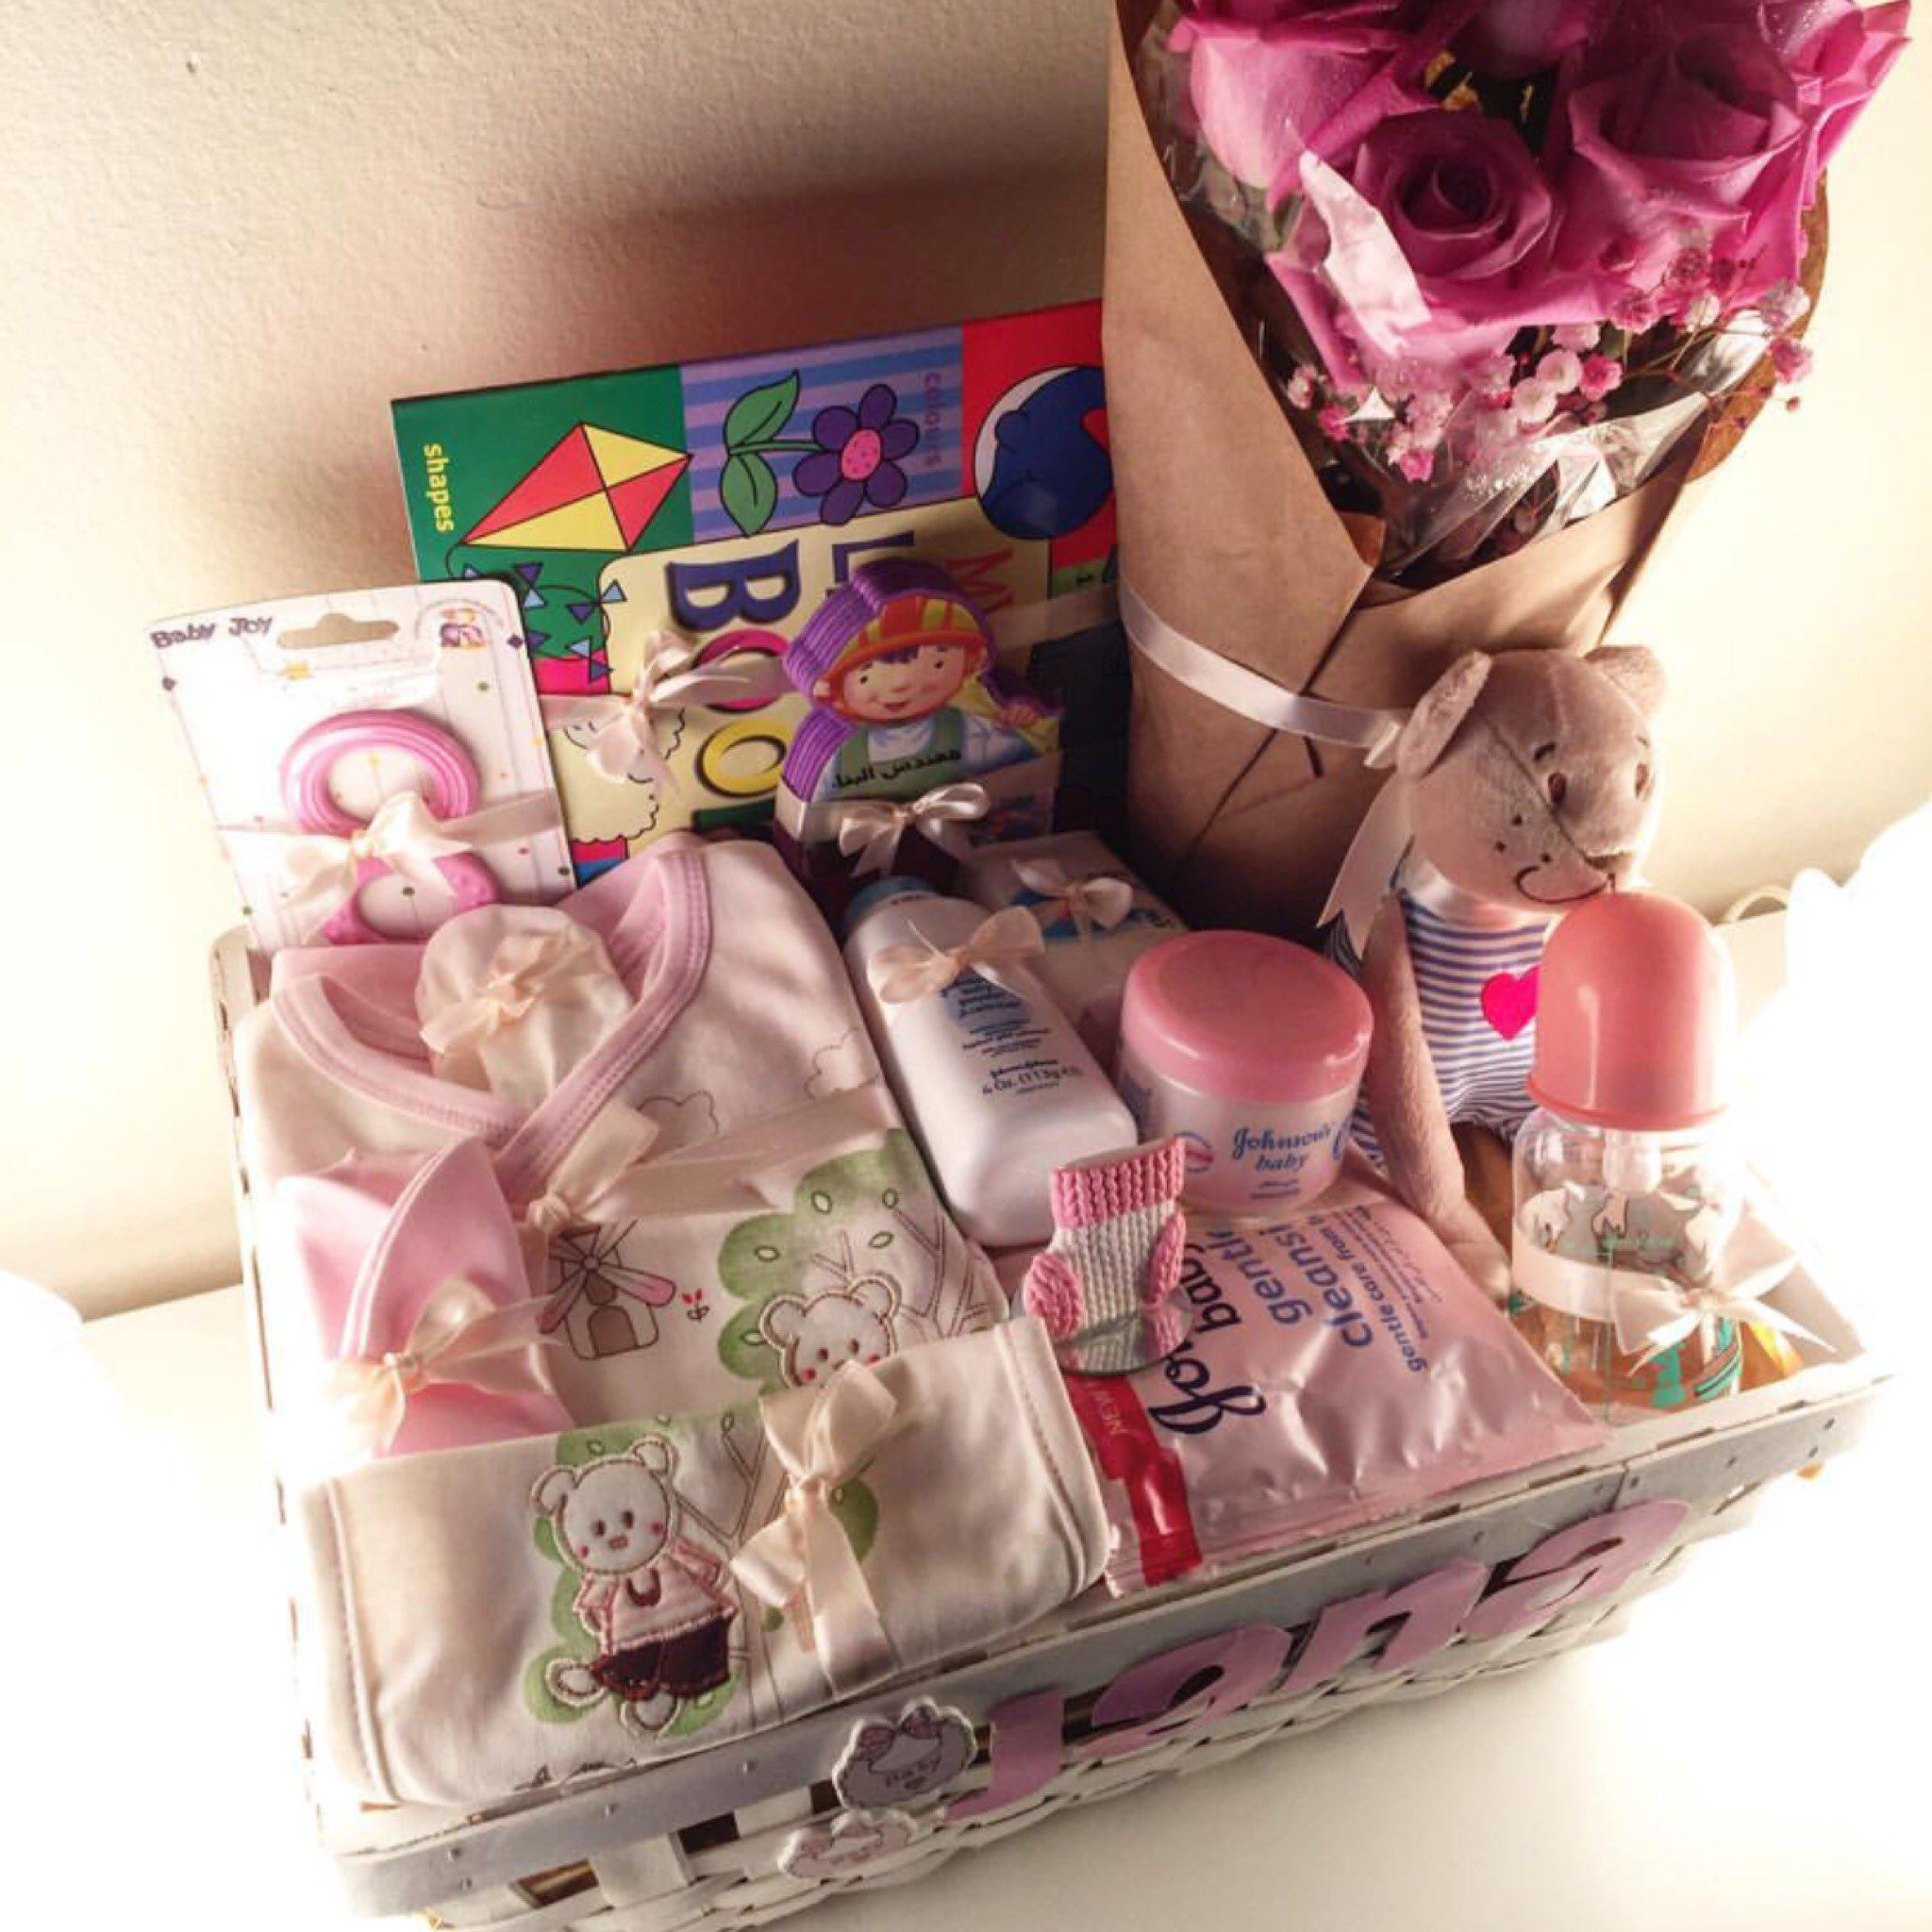 صور هدايا افكار هدايا للزوج والزوجة والام والاخوات صور هدايا مناسبة لجميع المناسبات Gift Wrapping Techniques Diy Gifts Gifts